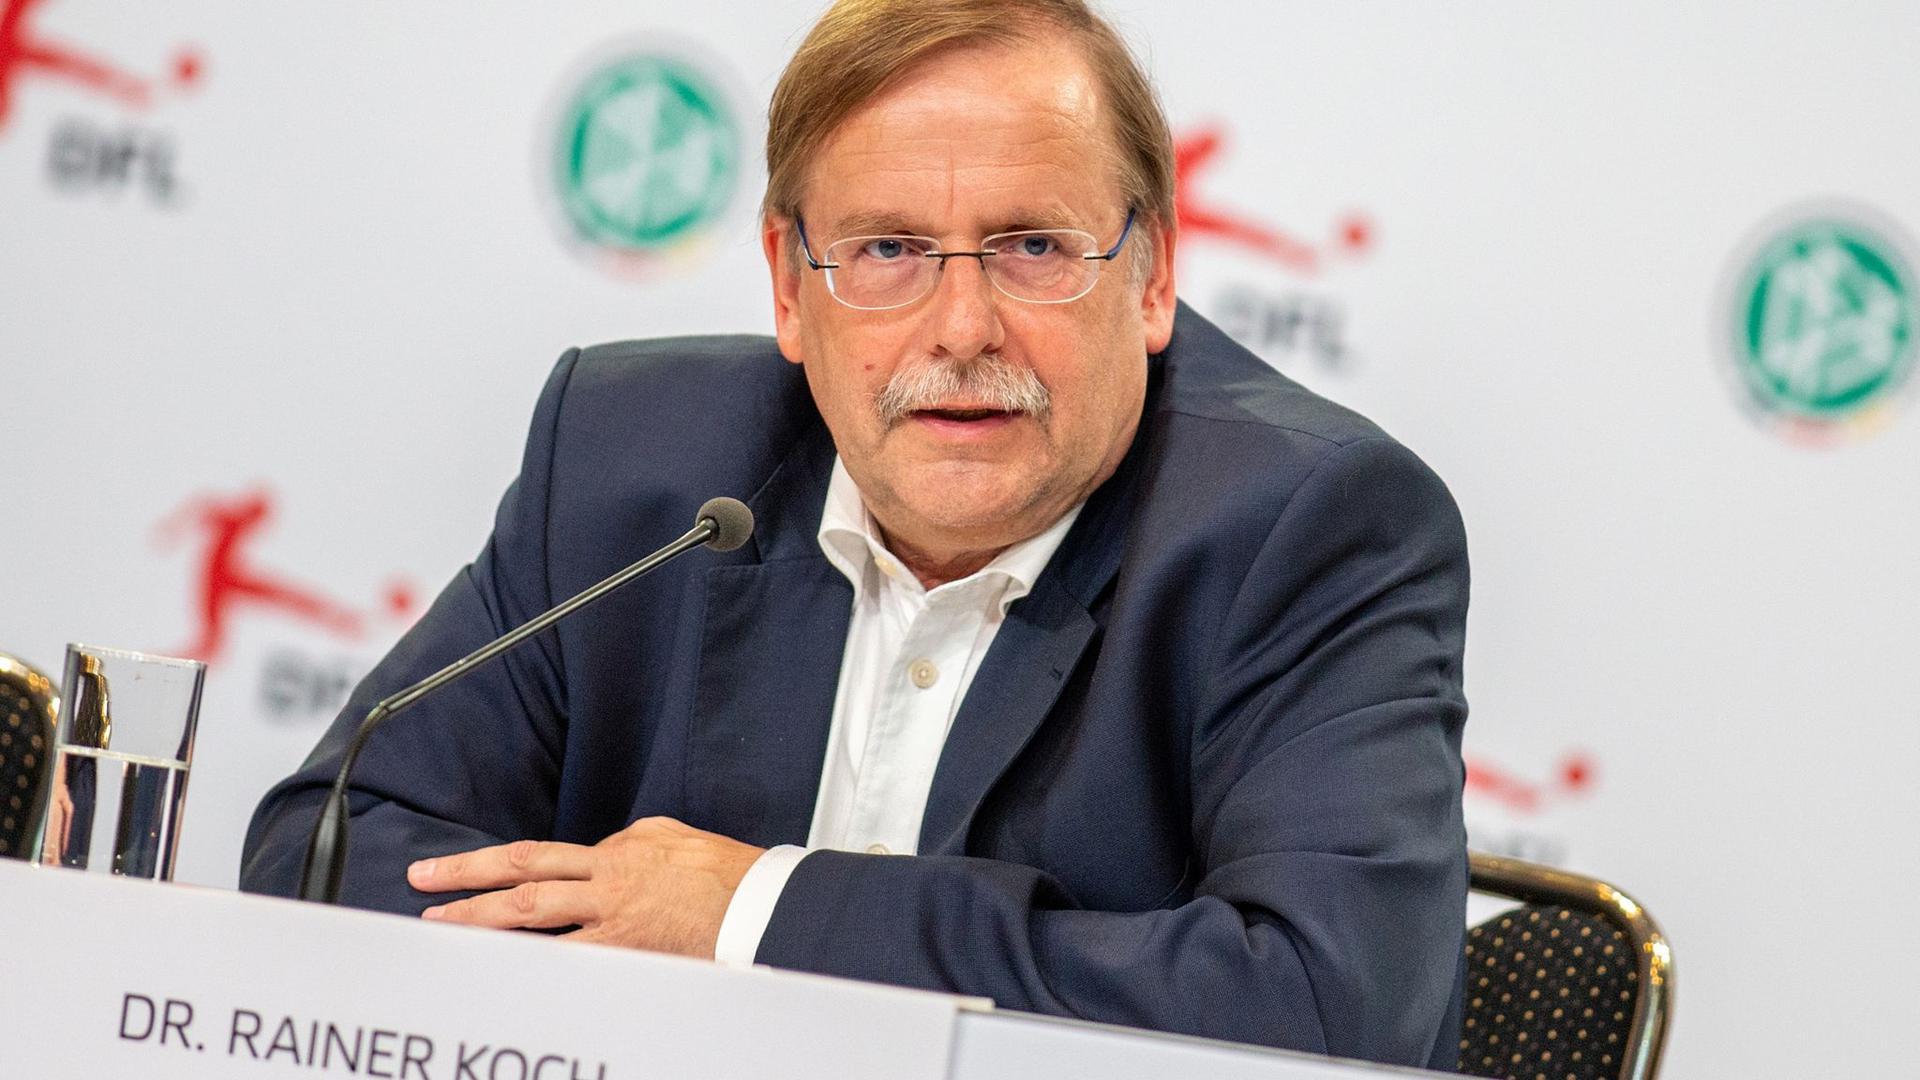 Hat Verständnis für die neuen Corona-Maßnehmen: DFB-Vize Rainer Koch.